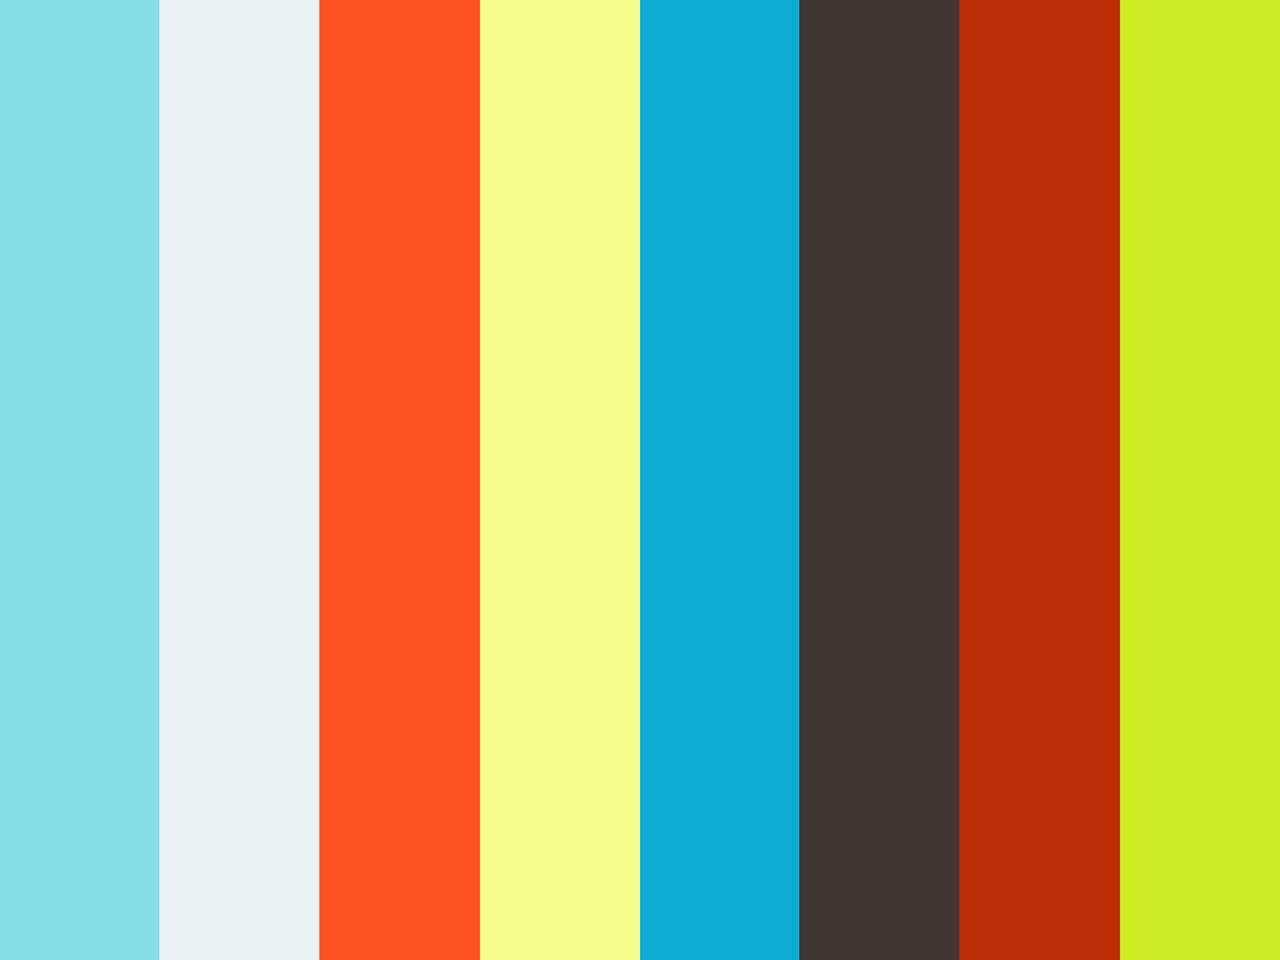 VJ Loop (1440p) - HUD Patterns